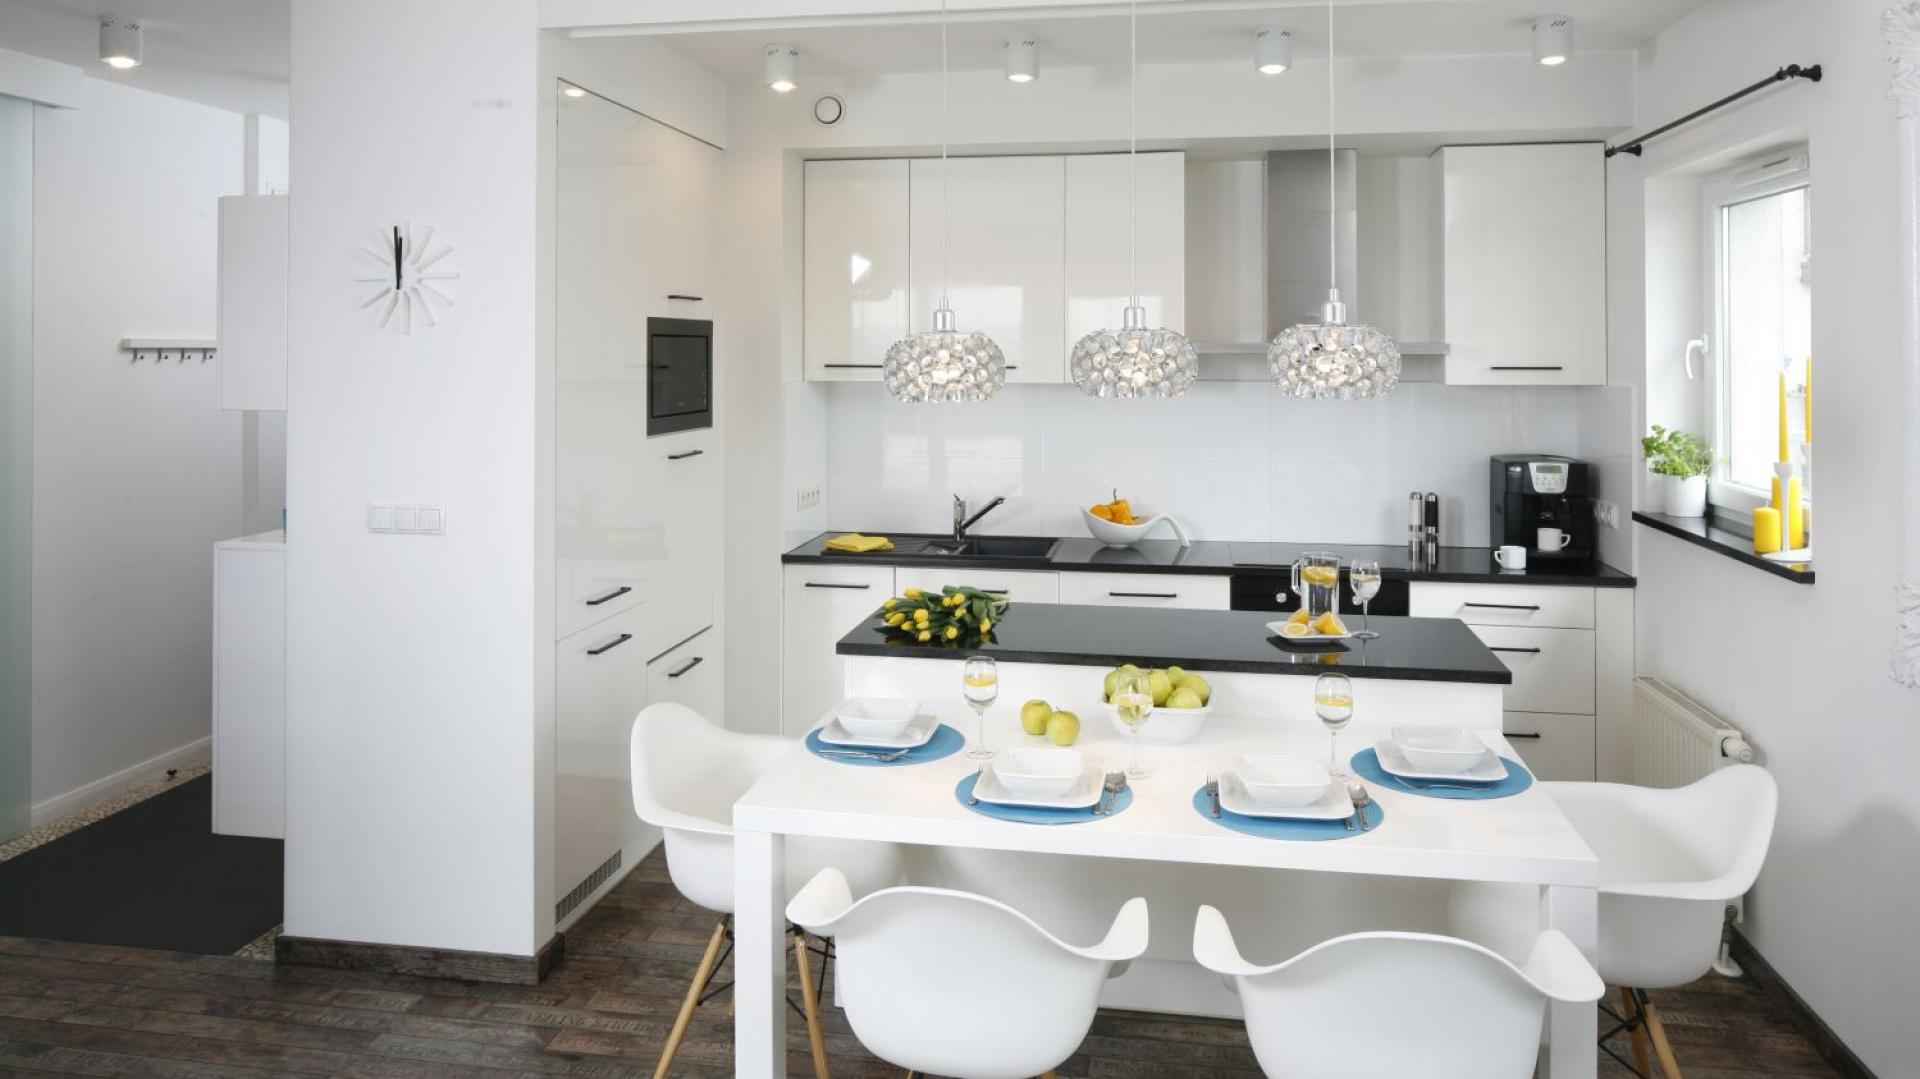 Białe meble kuchenne z frontami na wysoki połysk odbijają światło i otoczenie. Projekt: Katarzyna Uszok. Fot. Bartosz Jarosz